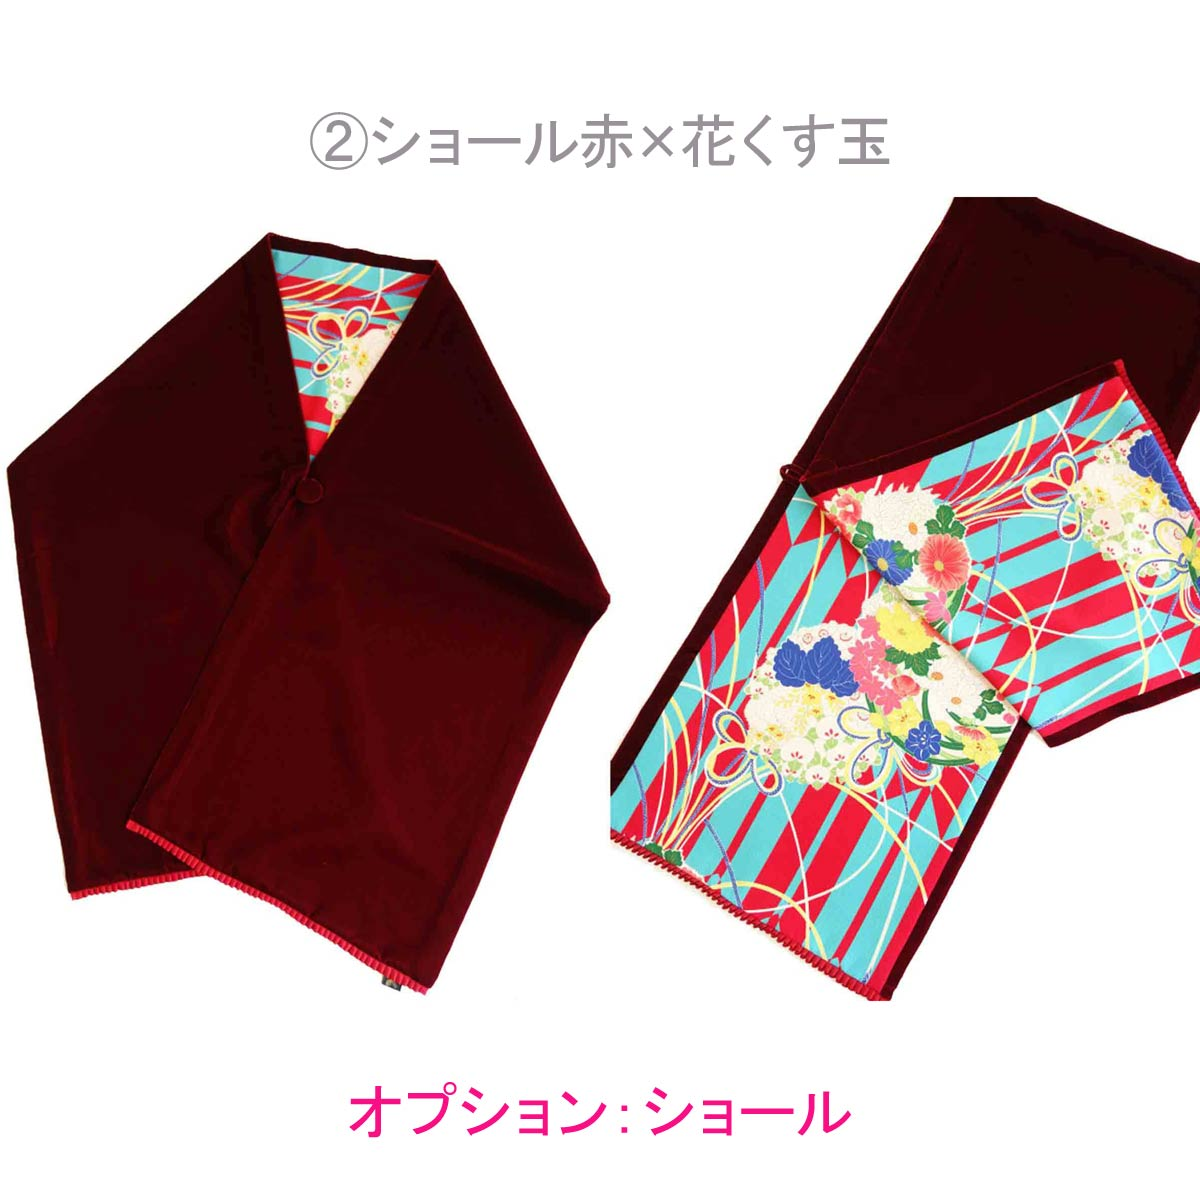 【レンタル】袴 紫梅